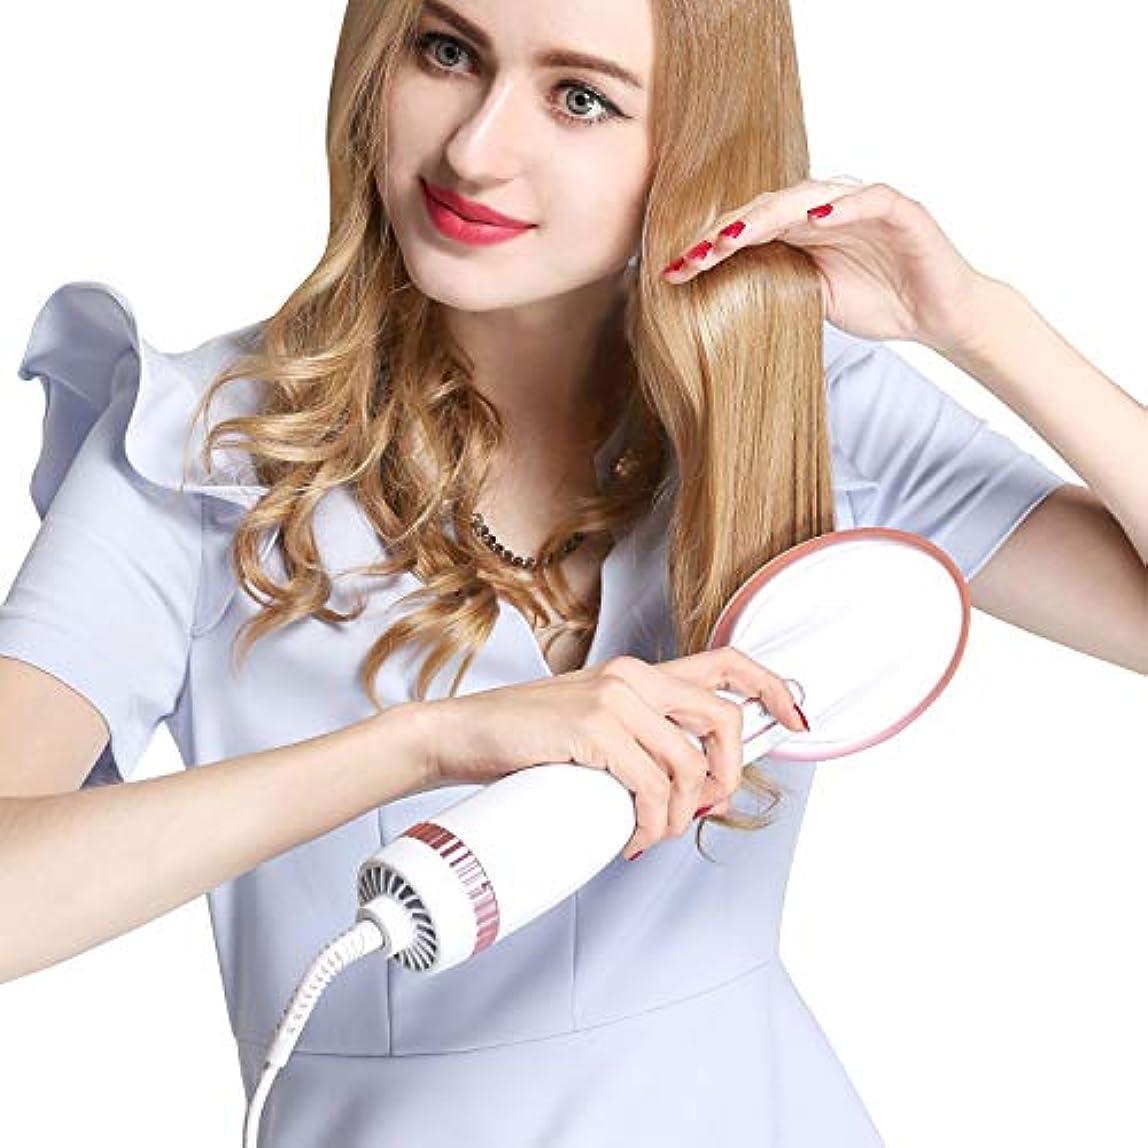 放映厳費用ワンステップヘアードライヤー熱風パドルブラシヘアードライヤーストレイテナーすべての髪の種類を解消する縮れたもつれたヘアノットを排除健康を促進する,USplug